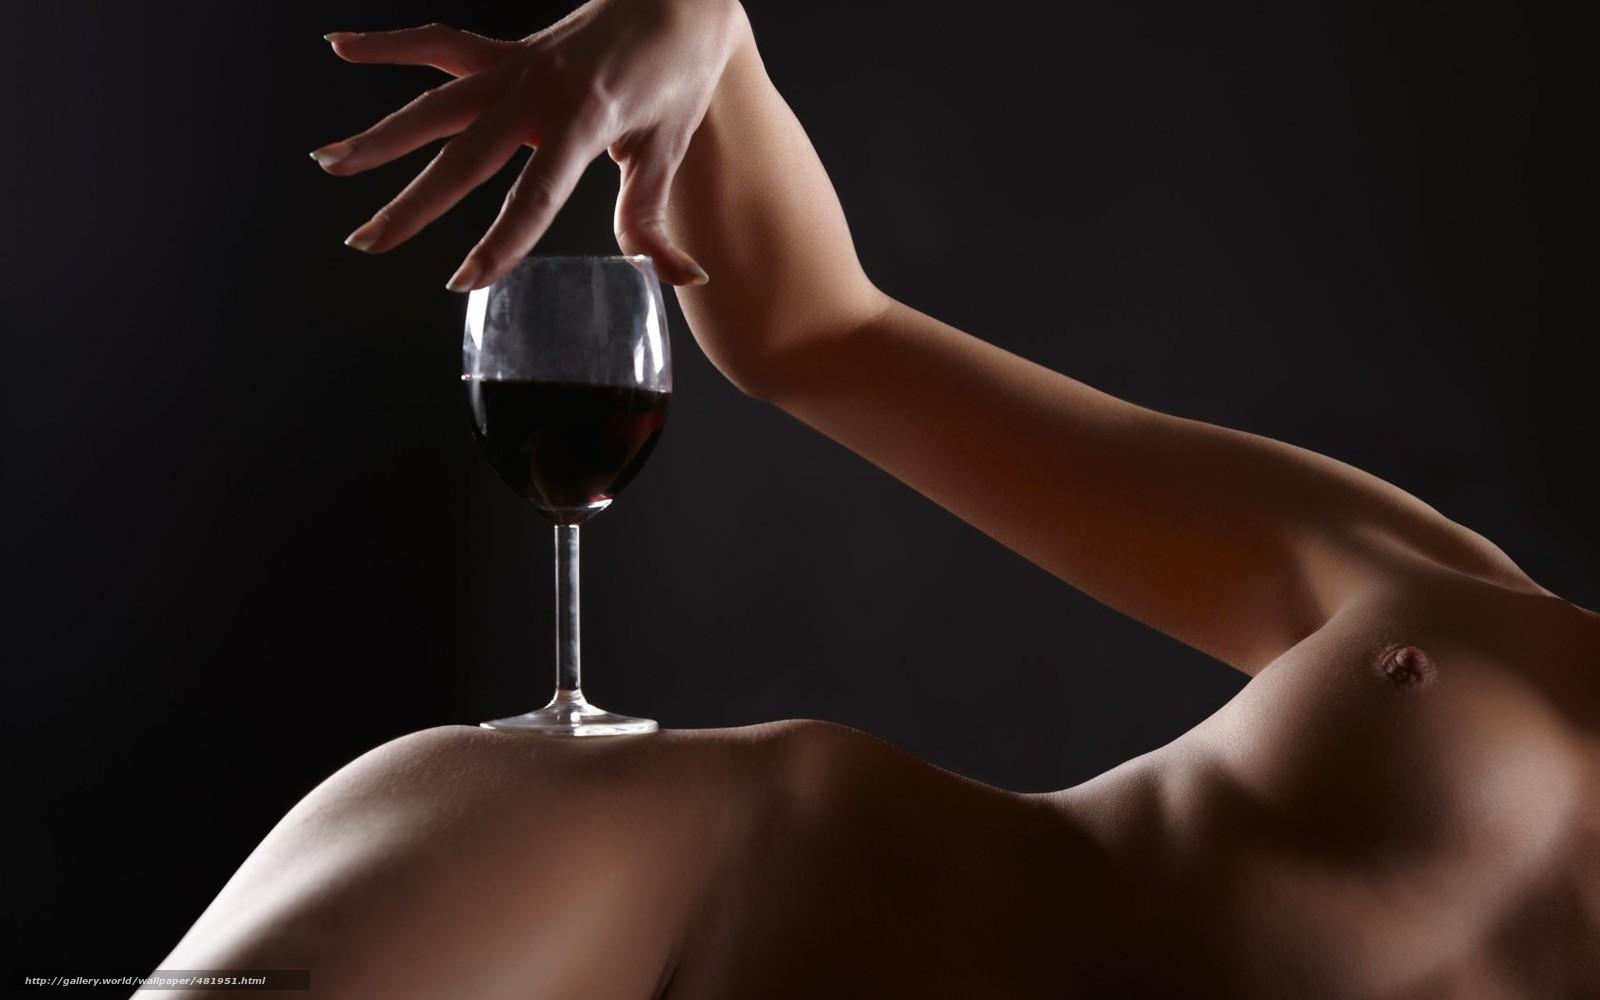 Развезло после бокала вина порно фото 27 фотография